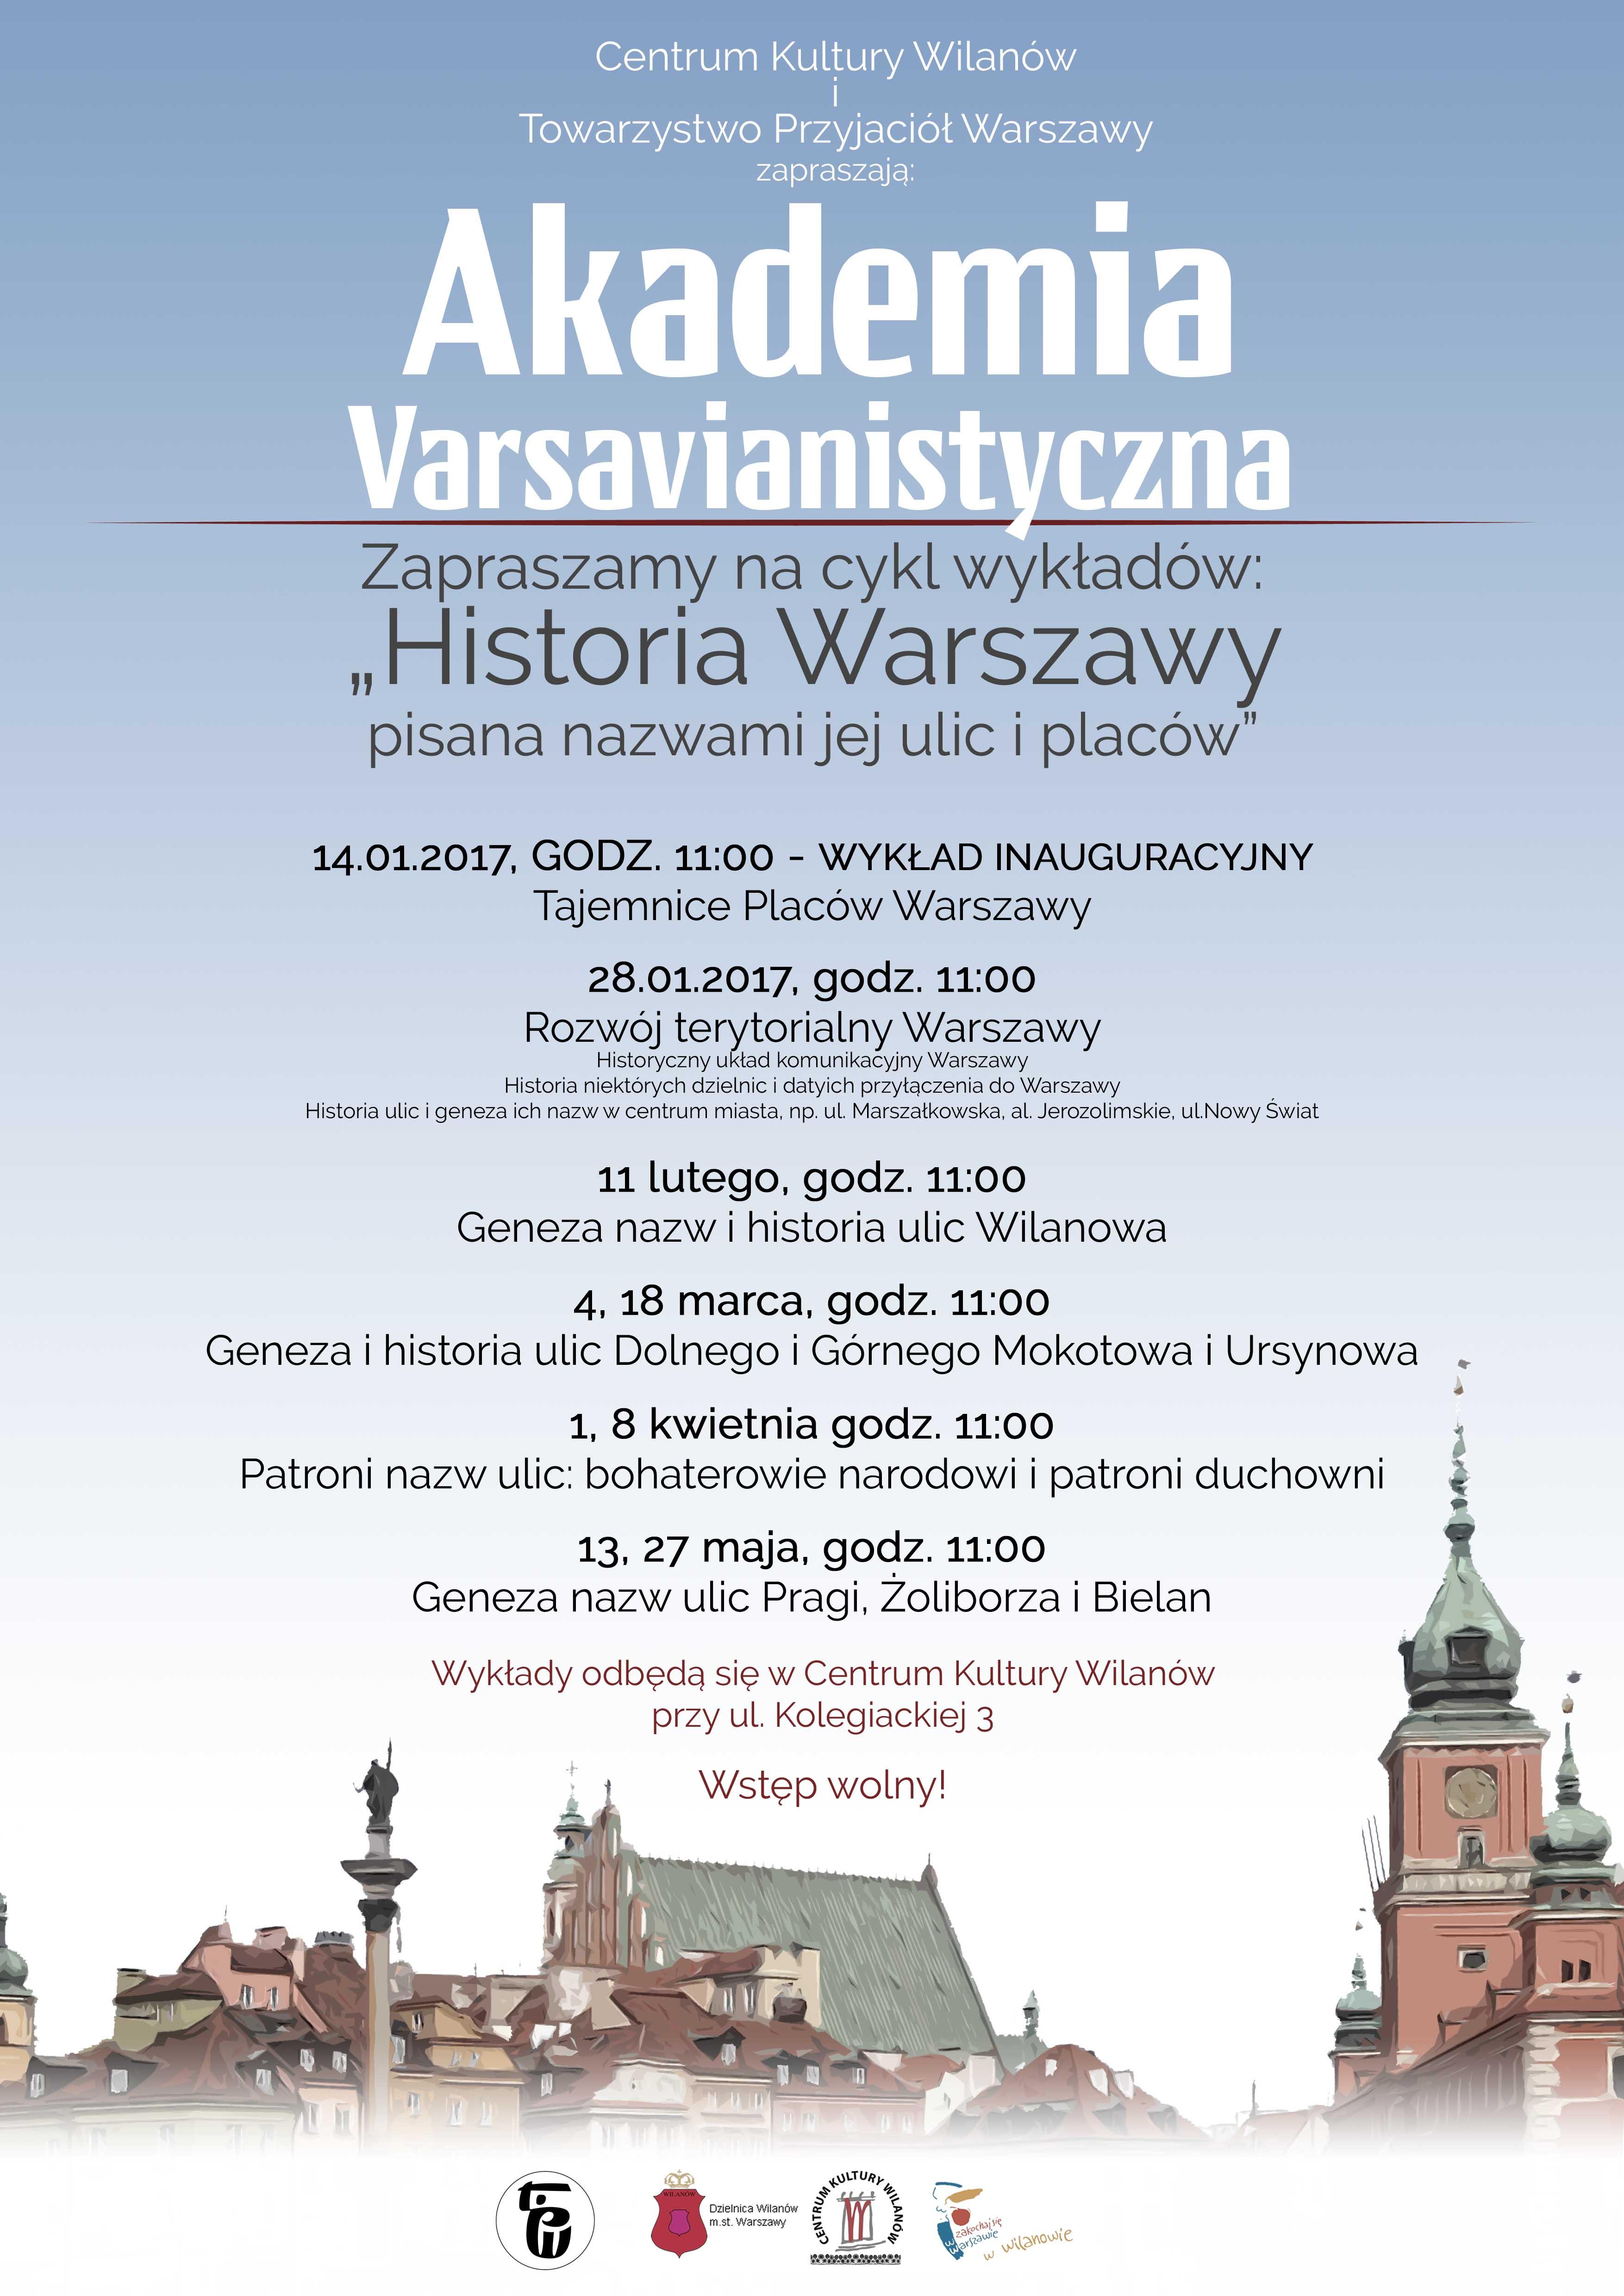 akademia_varsavianistyczna_2017